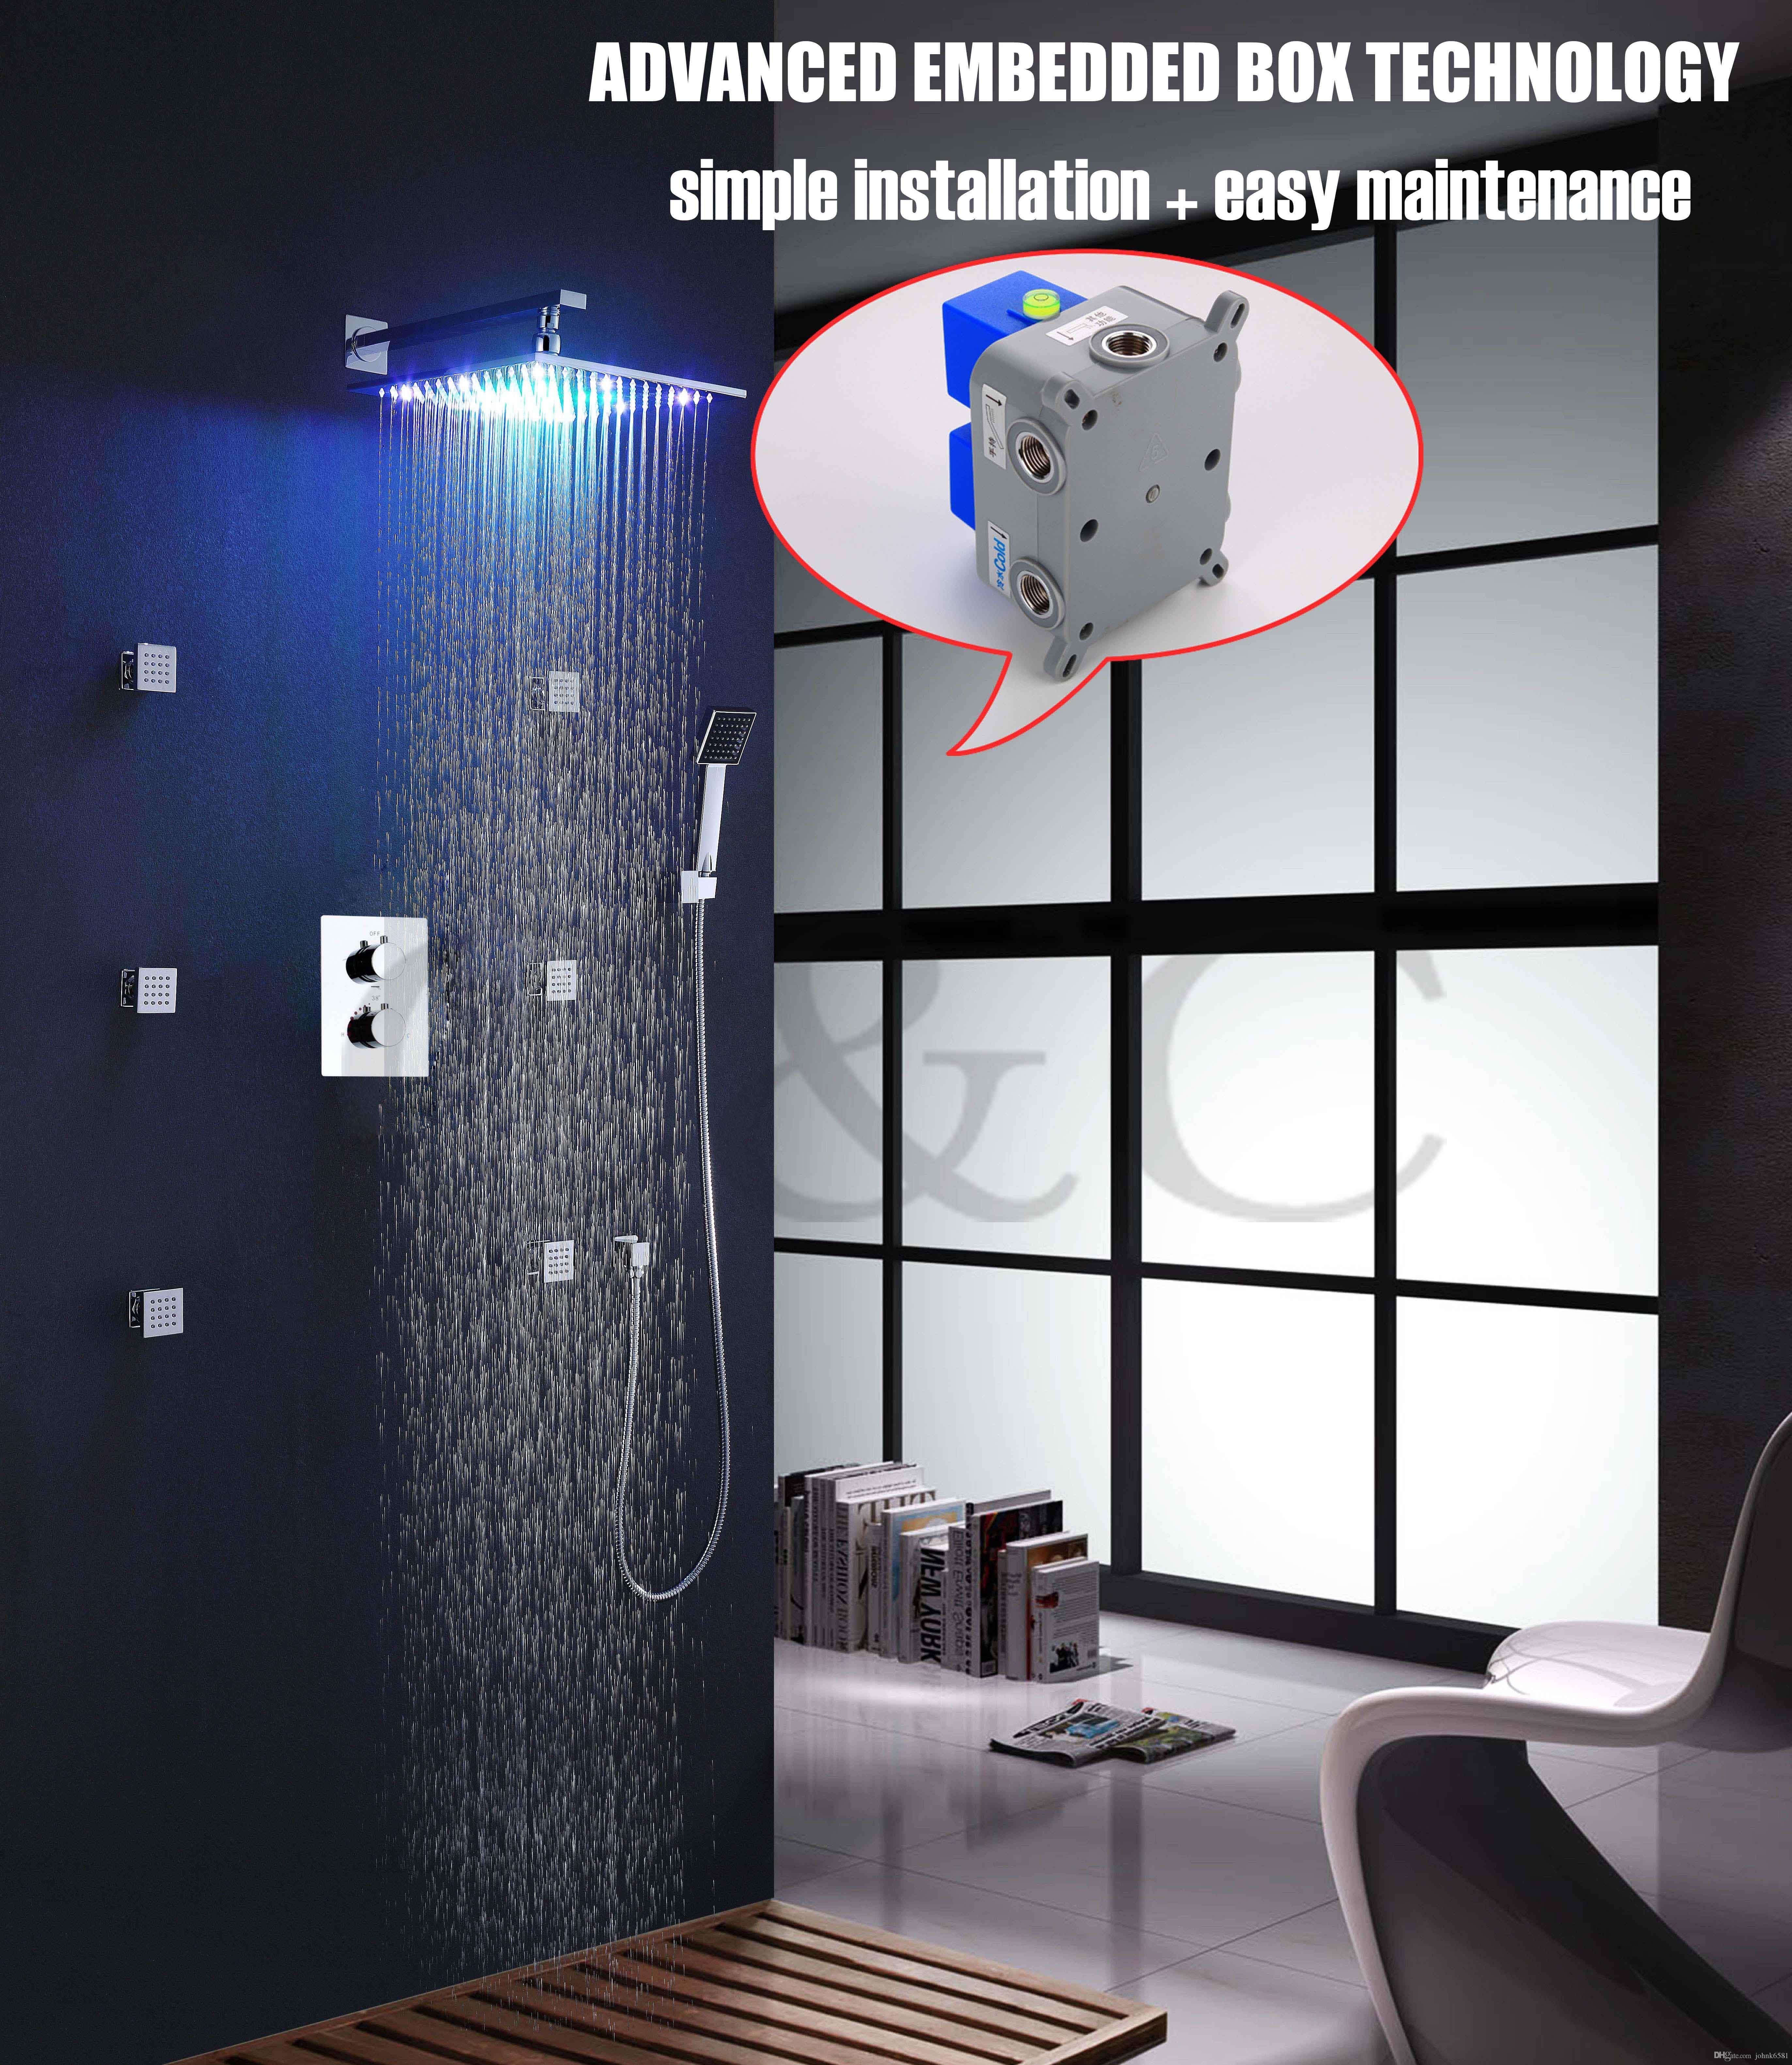 Installazione facile con la scatola incorporata 12 pollici LED 7 colori soffione doccia a pioggia termostatico Set rubinetto doccia 002T-12-2C